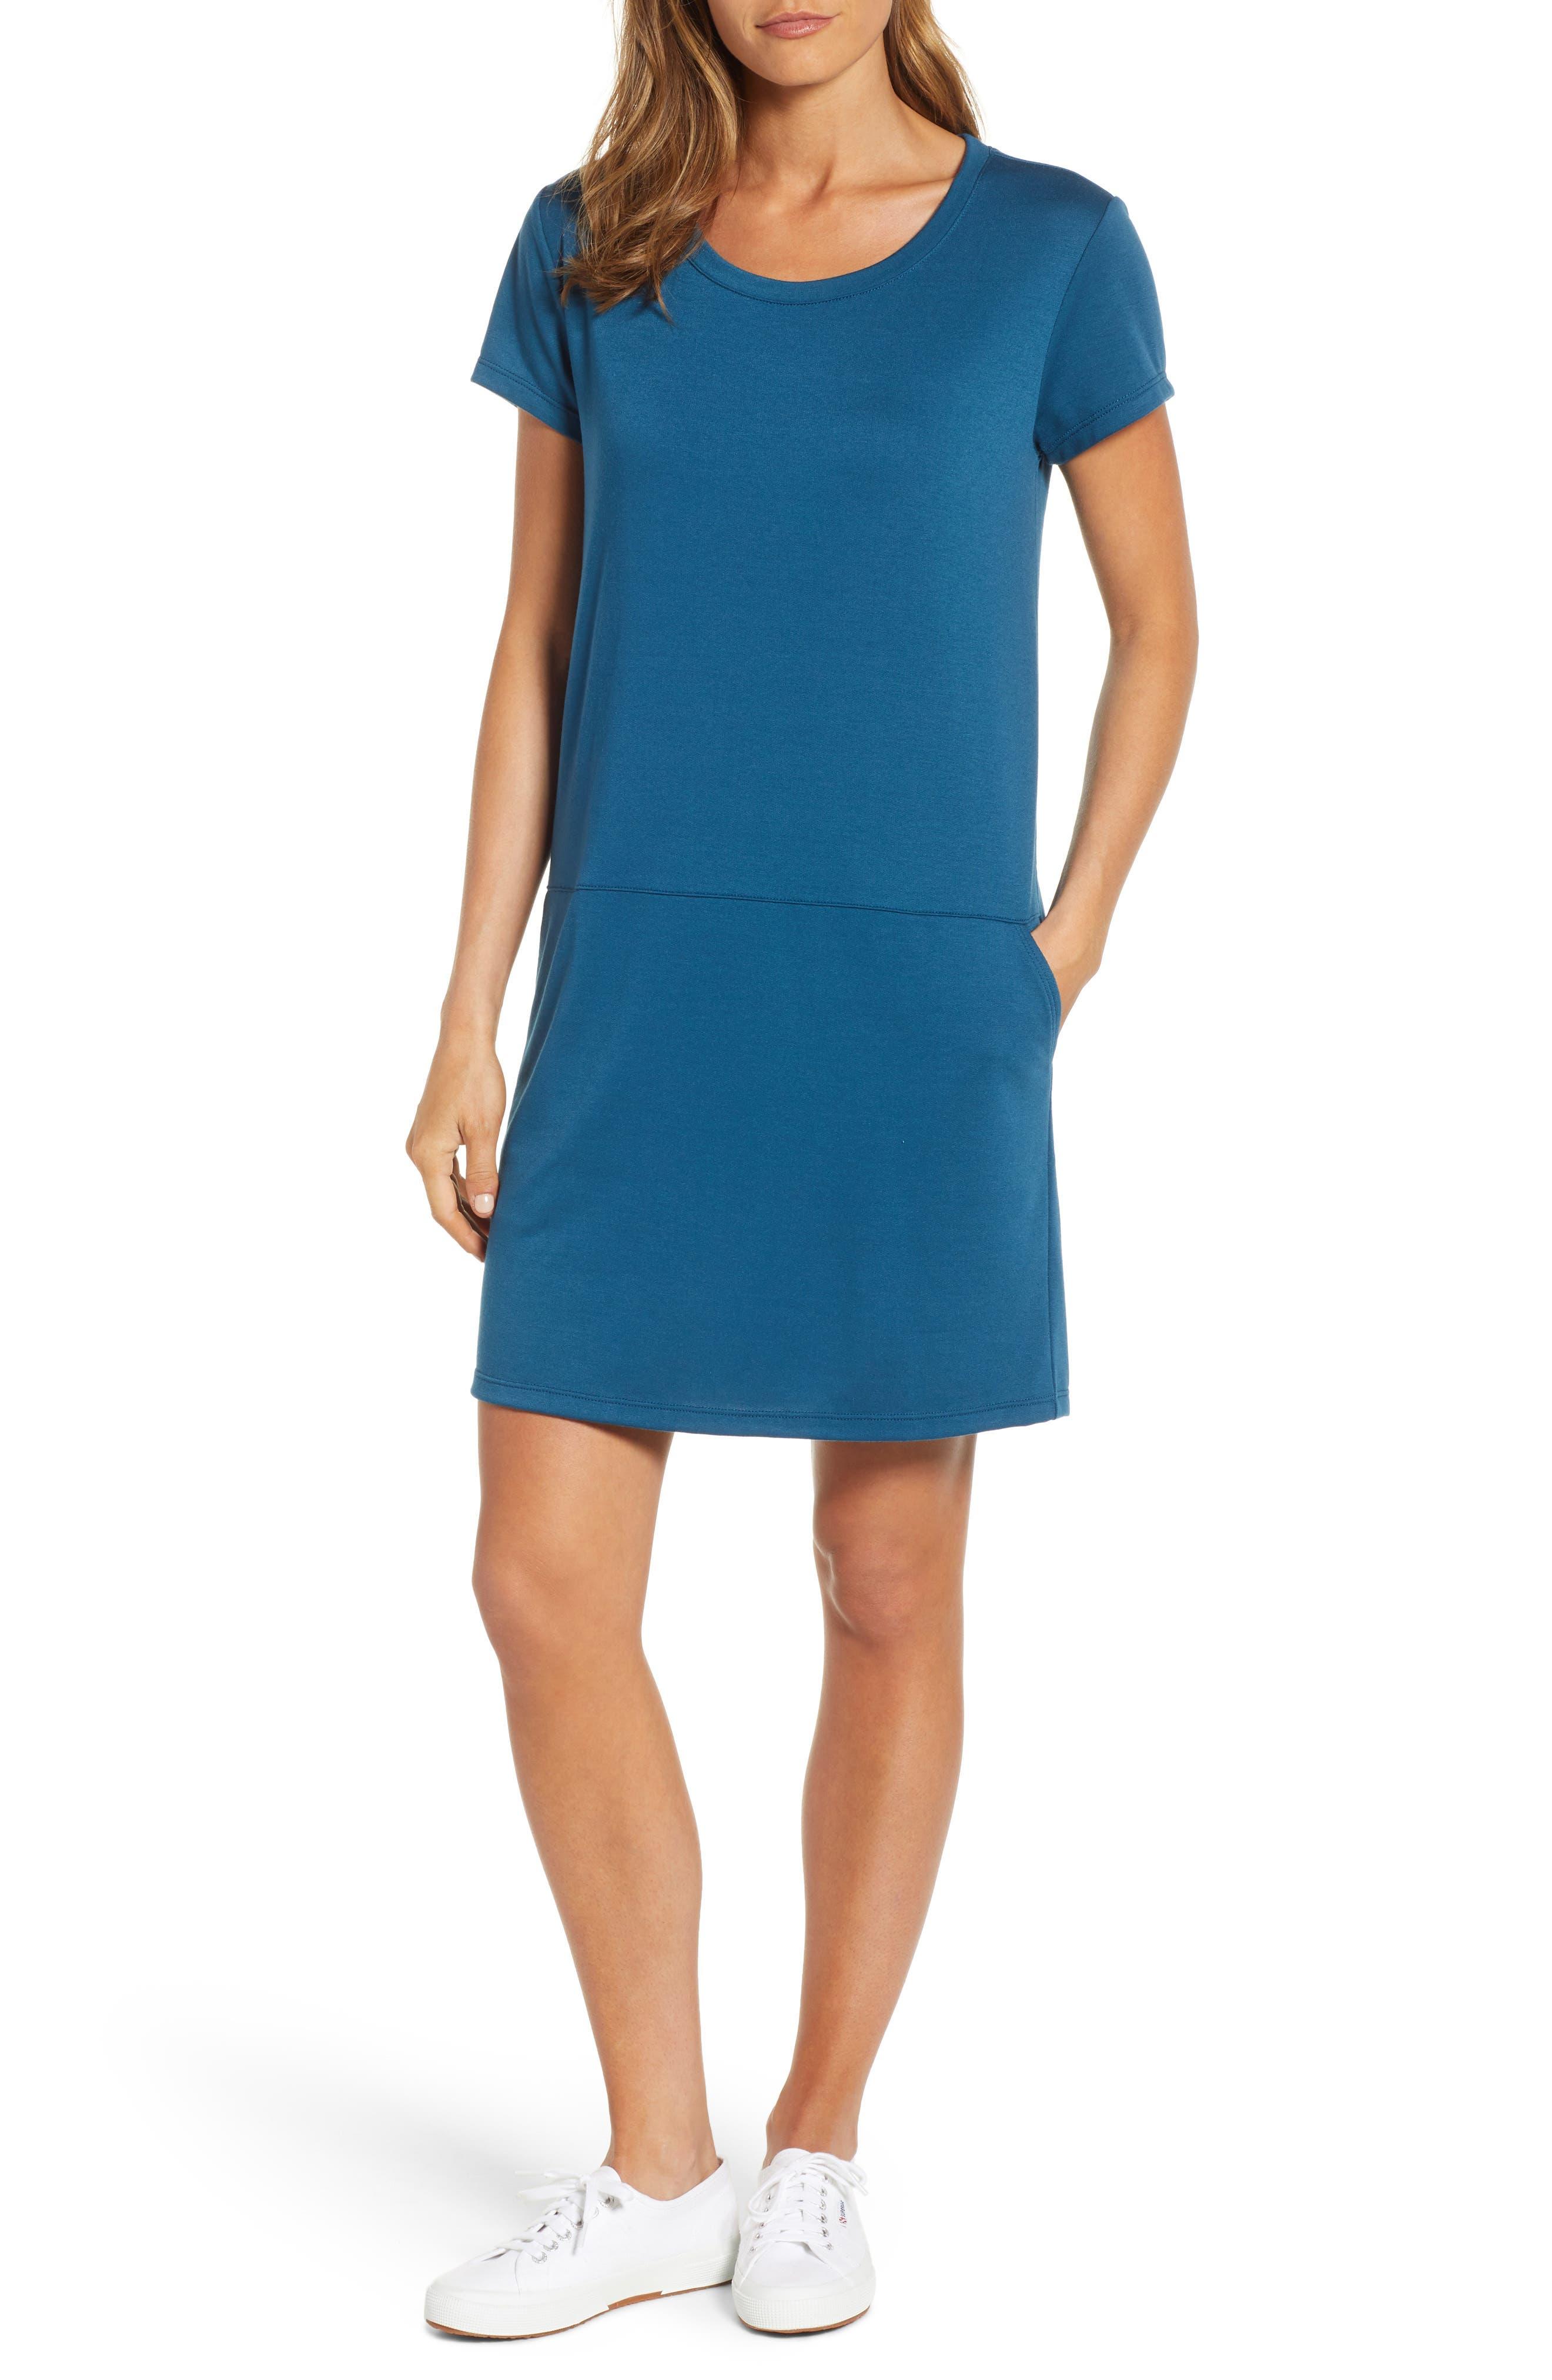 Caslon Knit Shift Dress, Blue/green